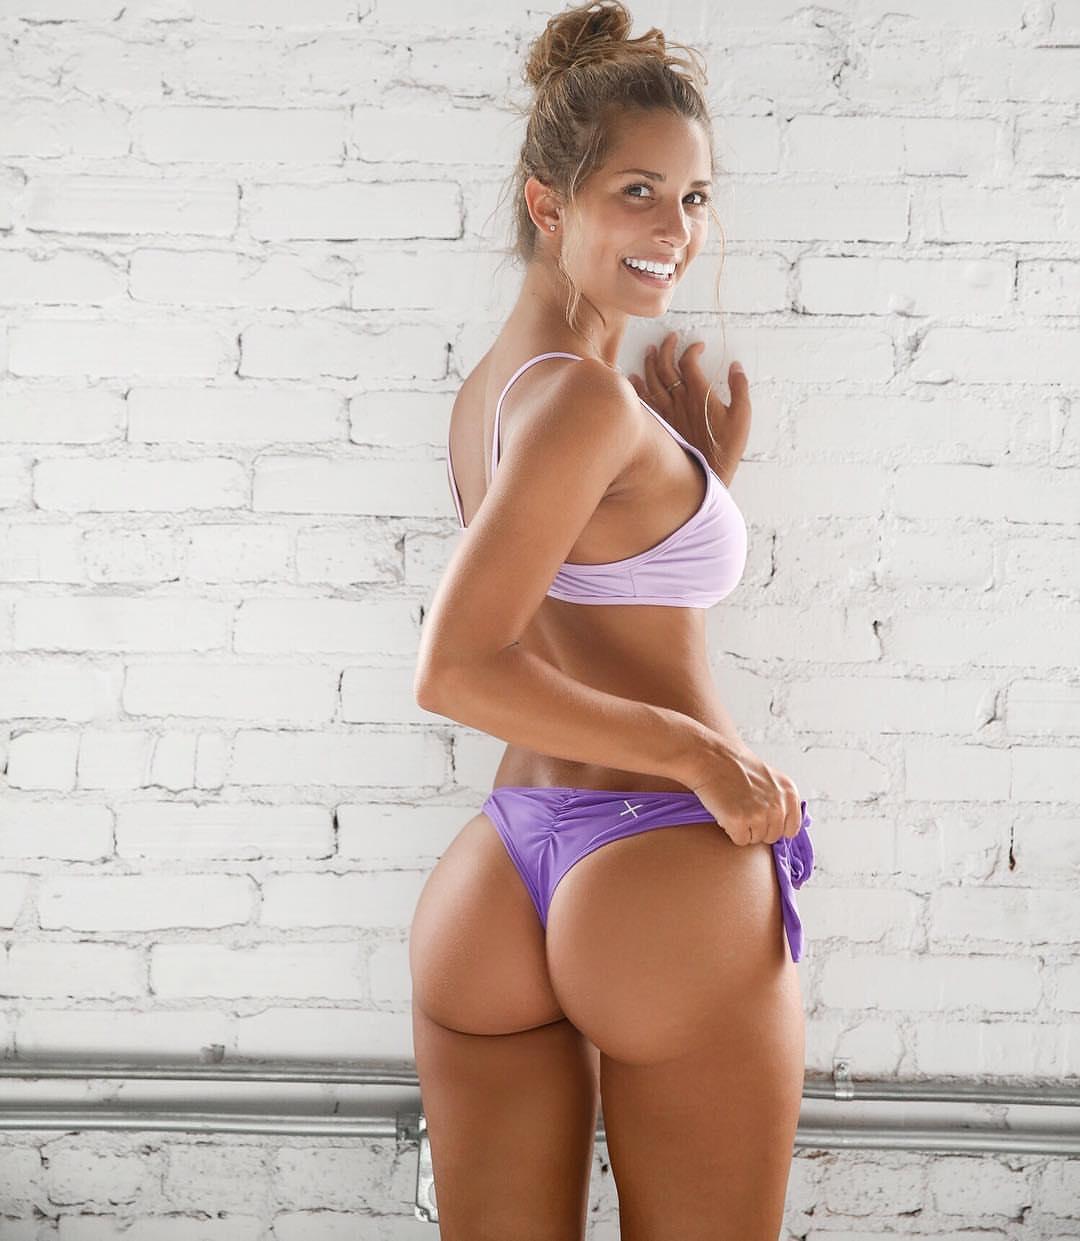 El cuadro de honor de las chicas del gym: Sierra Skye